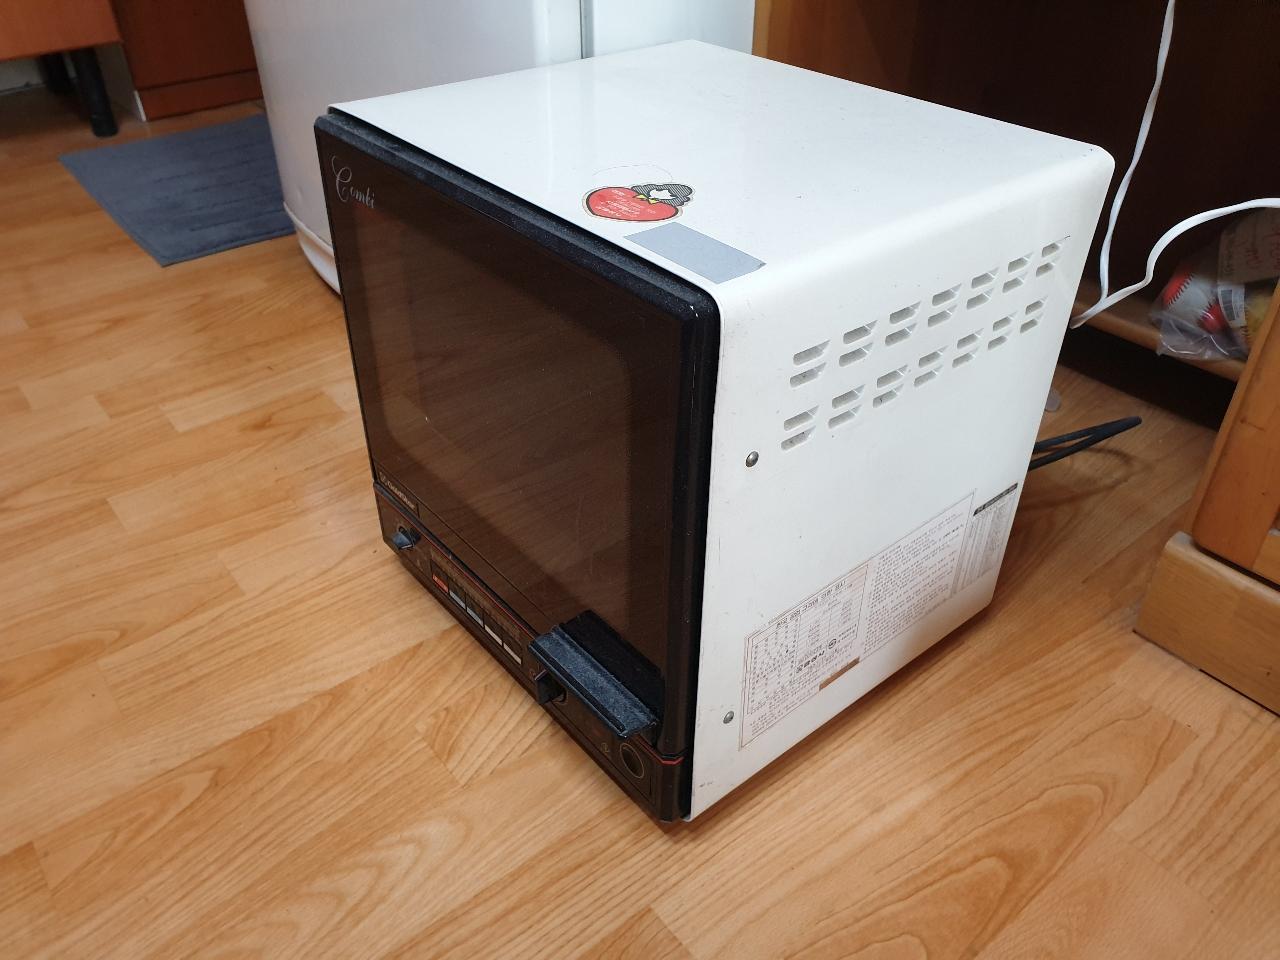 금성사 전자랜지 (1989년)